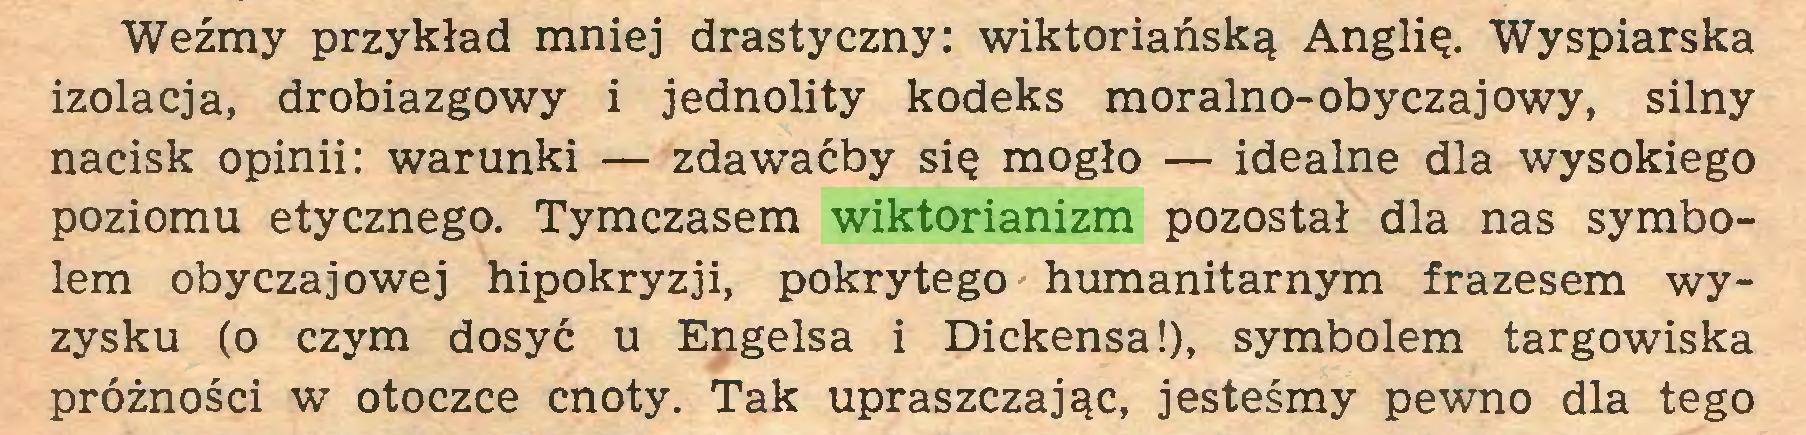 (...) Weźmy przykład mniej drastyczny: wiktoriańską Anglię. Wyspiarska izolacja, drobiazgowy i jednolity kodeks moralno-obyczajowy, silny nacisk opinii: warunki — zdawaćby się mogło — idealne dla wysokiego poziomu etycznego. Tymczasem wiktorianizm pozostał dla nas symbolem obyczajowej hipokryzji, pokrytego humanitarnym frazesem wyzysku (o czym dosyć u Engelsa i Dickensa!), symbolem targowiska próżności w otoczce cnoty. Tak upraszczając, jesteśmy pewno dla tego...